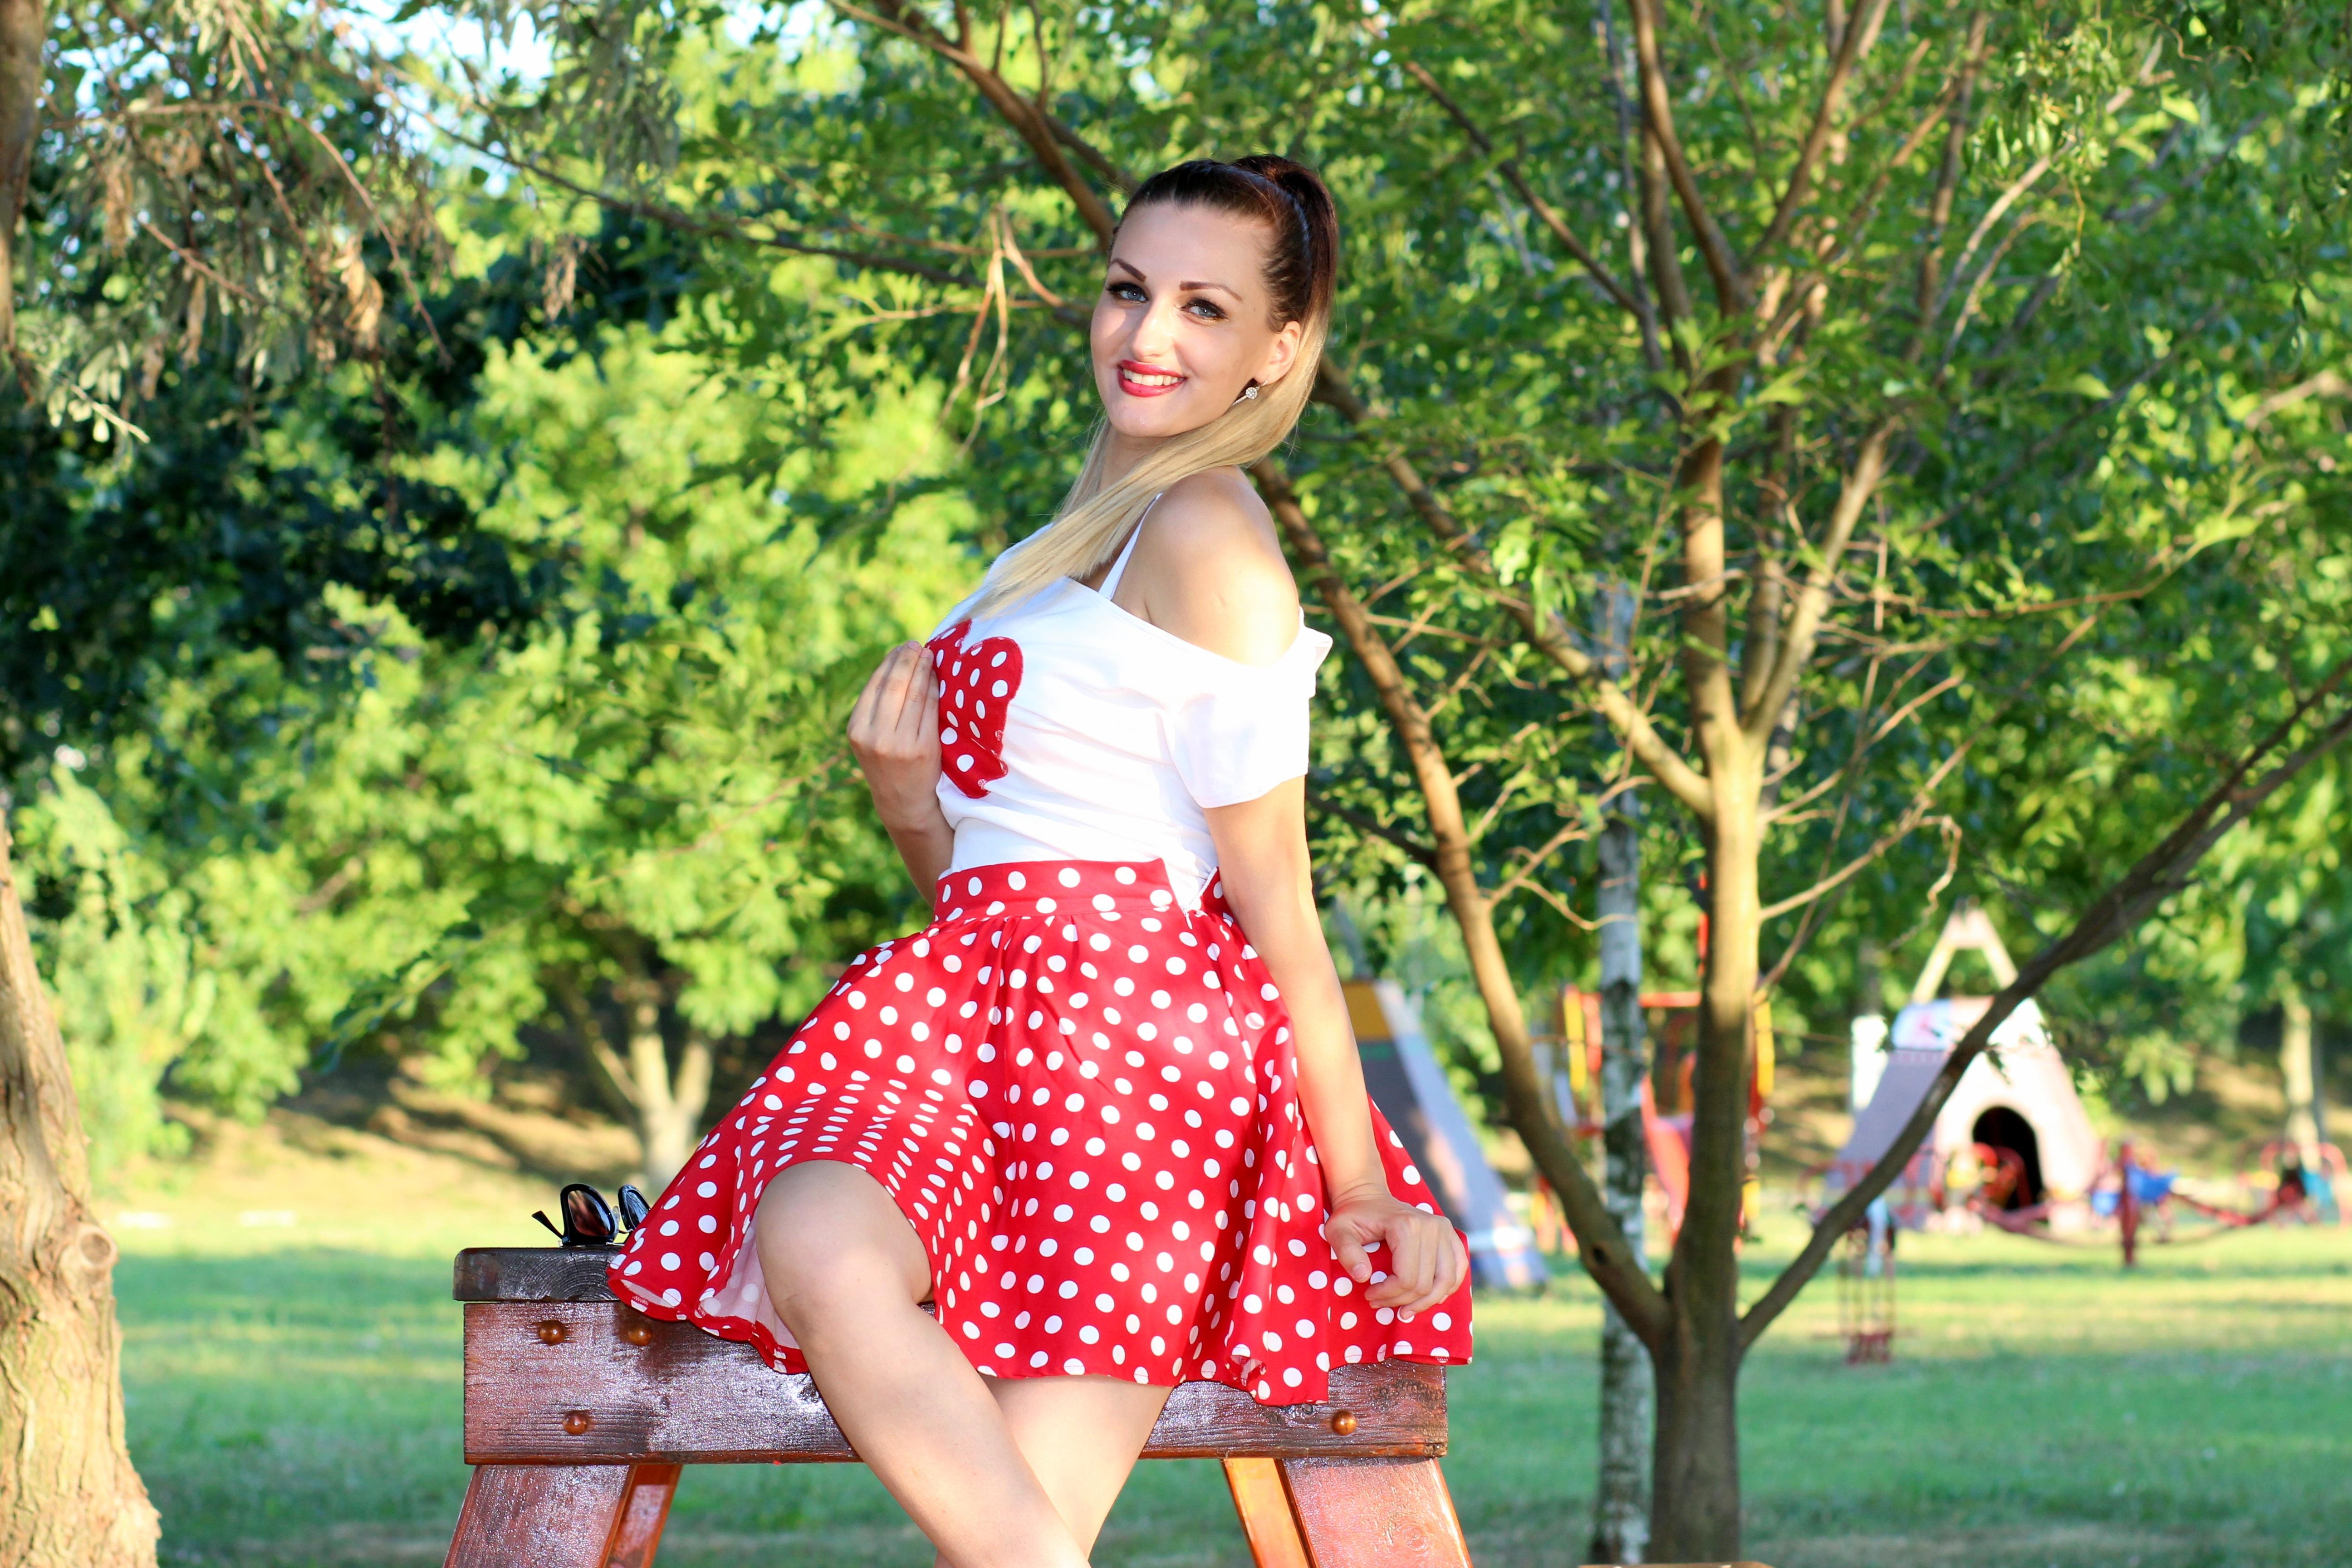 962bdf7f25a6 pige græsplæne hjerte mønster mode tøj kjole design skønhed forførende mave  Photo shoot